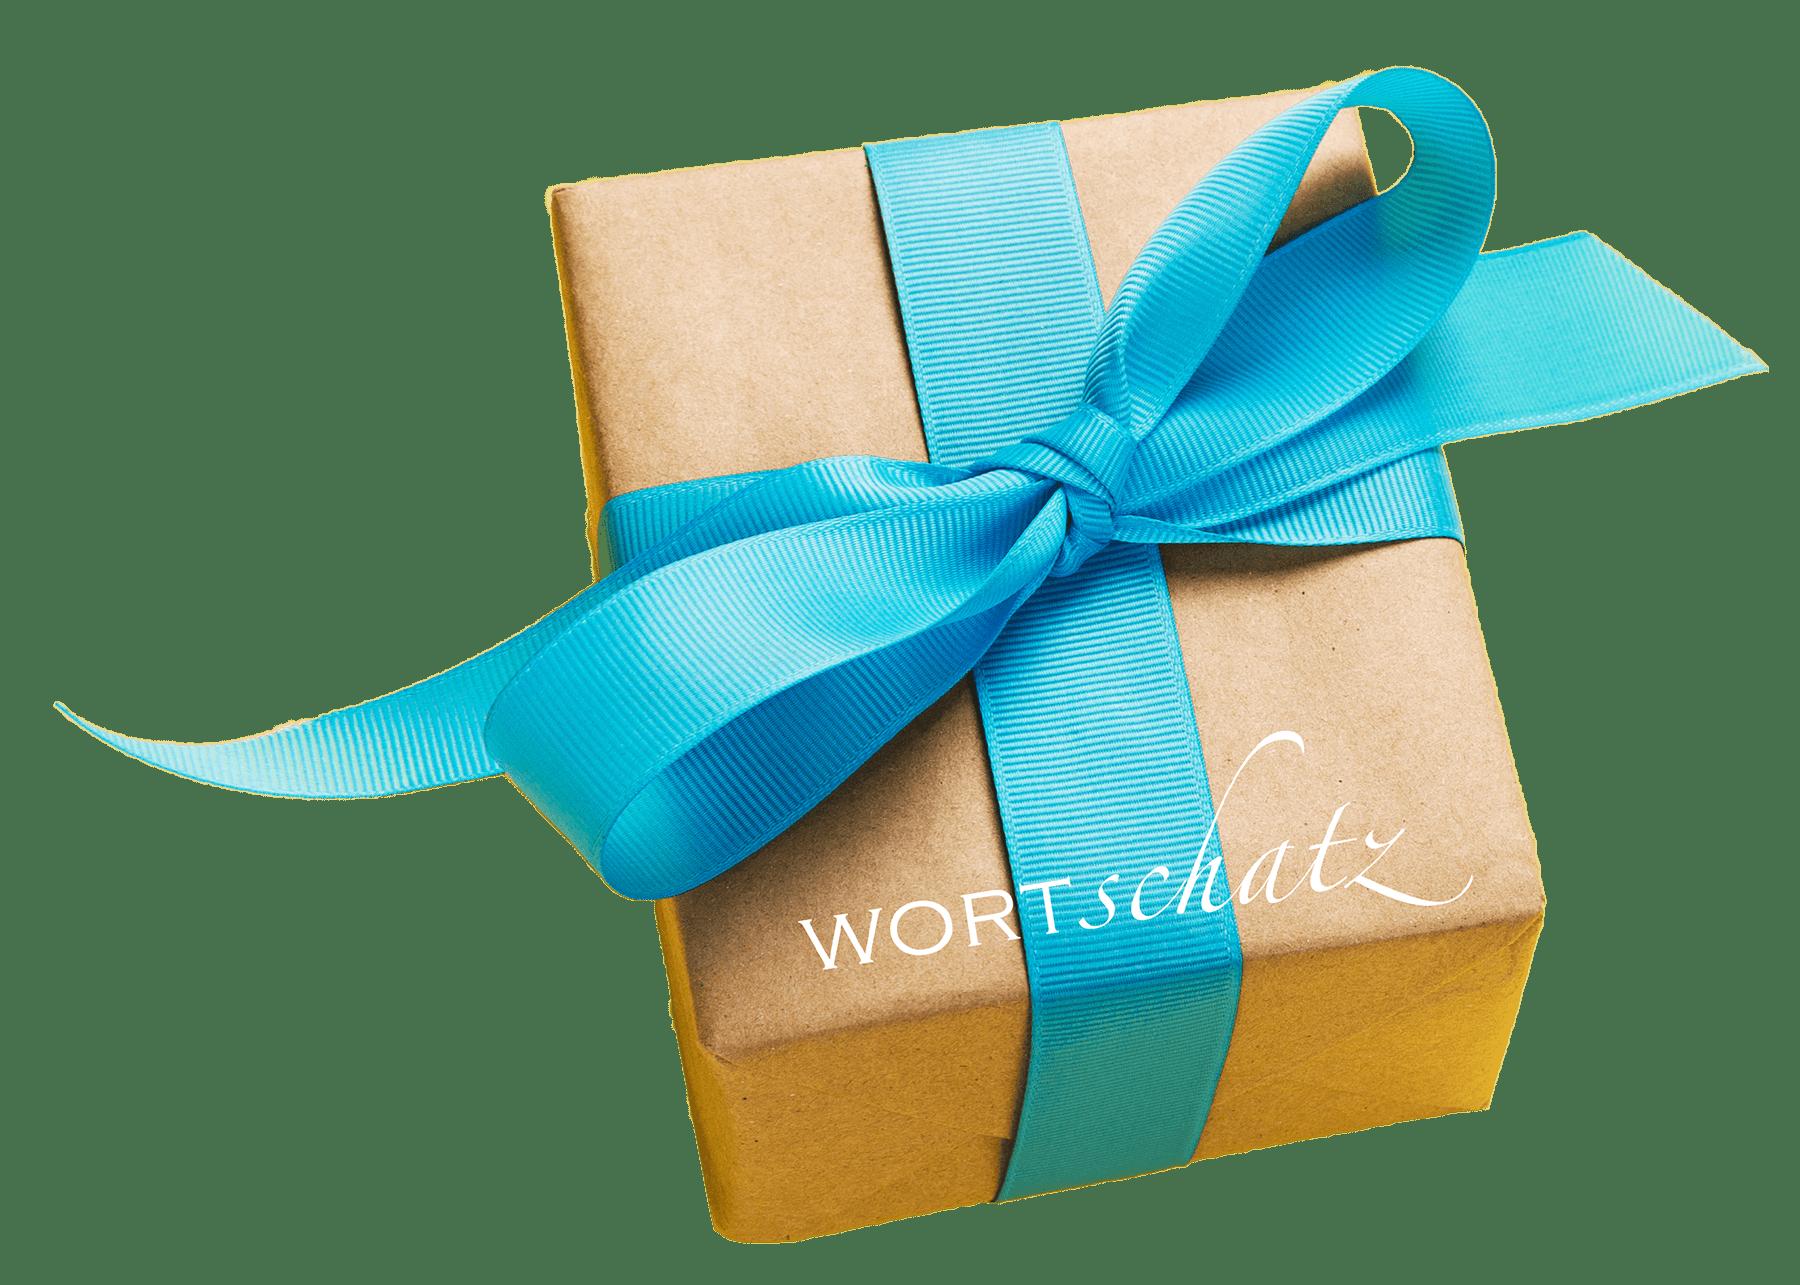 Wortschatz Geschenk